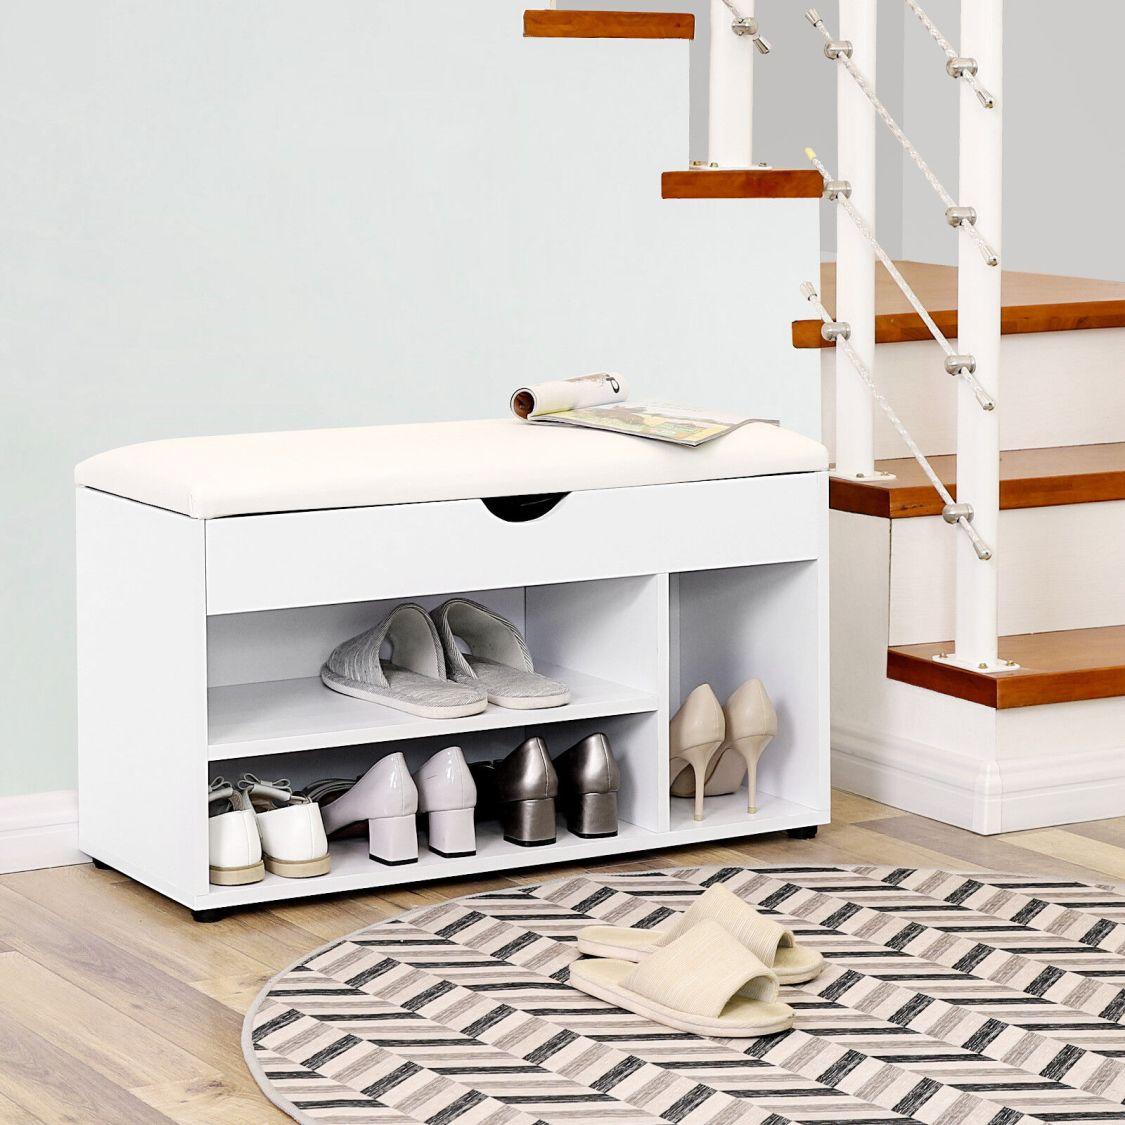 Schuhbank mit Sitzkissen Schuhregal Sitztruhe Schuhschrank Schuhablage LHS30W